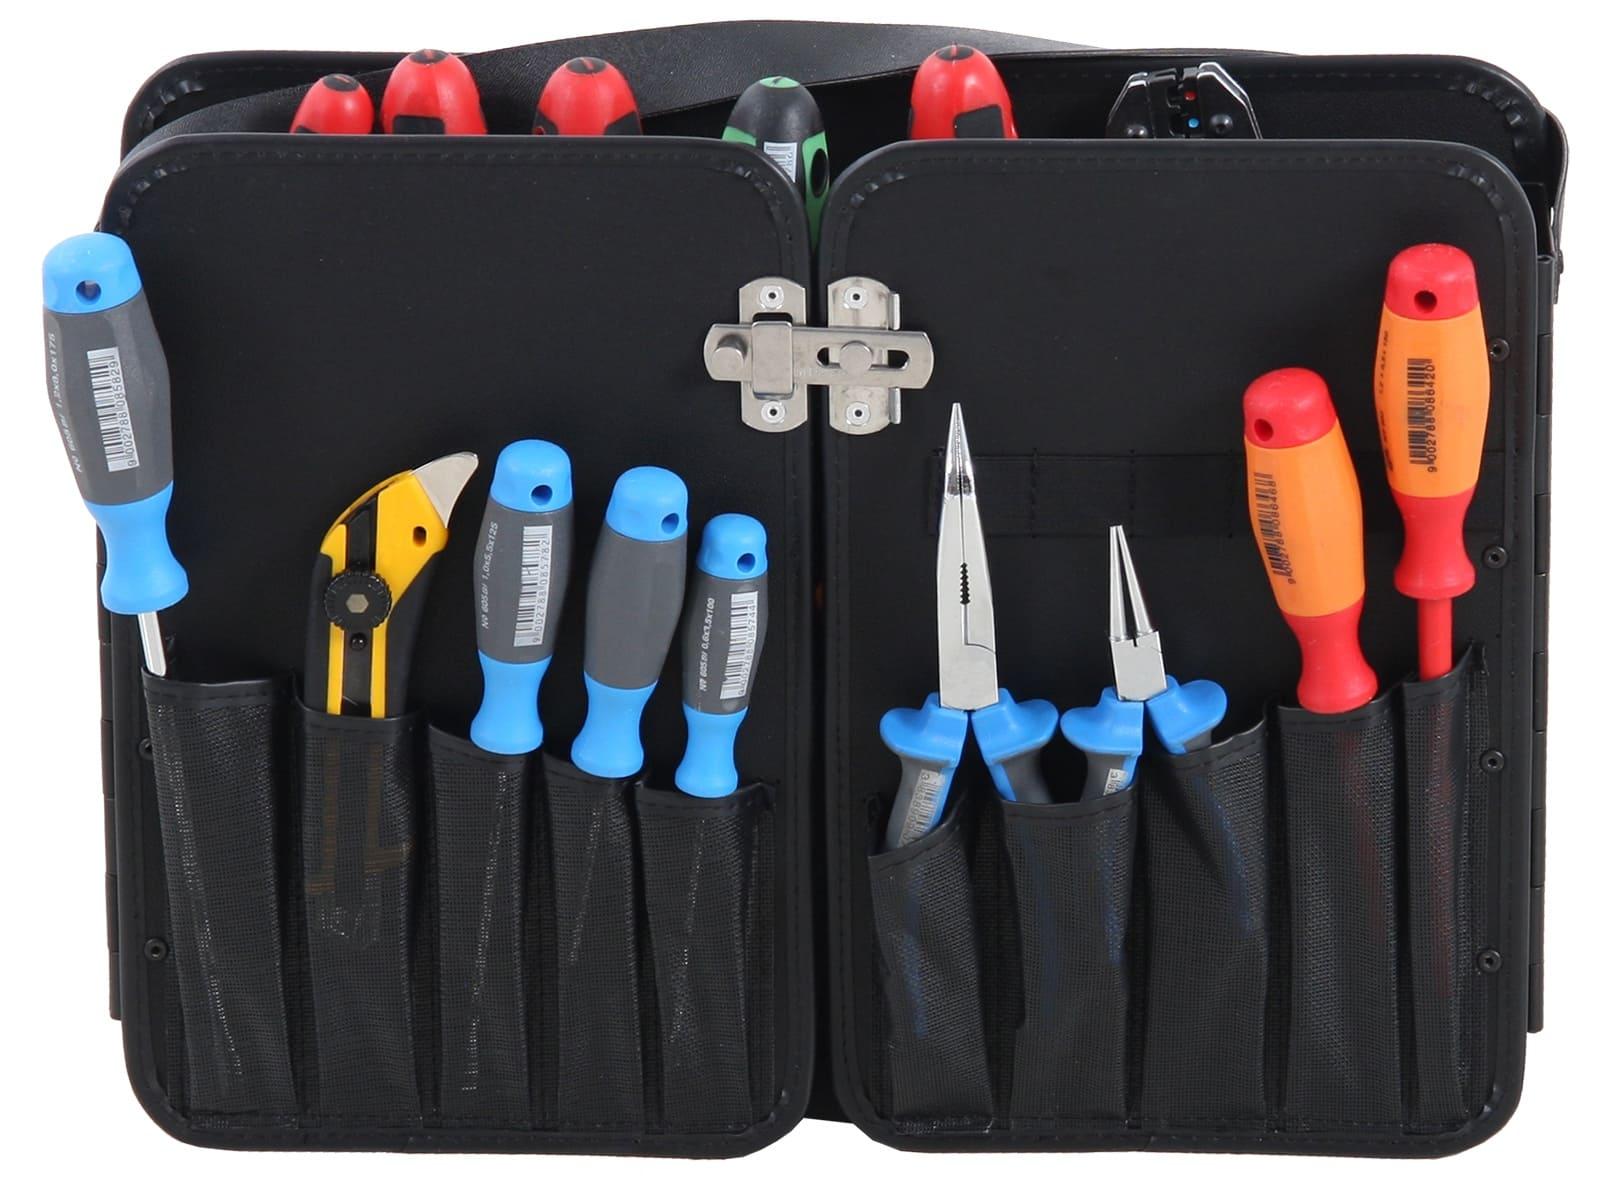 Wing Werkzeugklapptafel 4902 mit 58 Einsteckmöglichkeiten